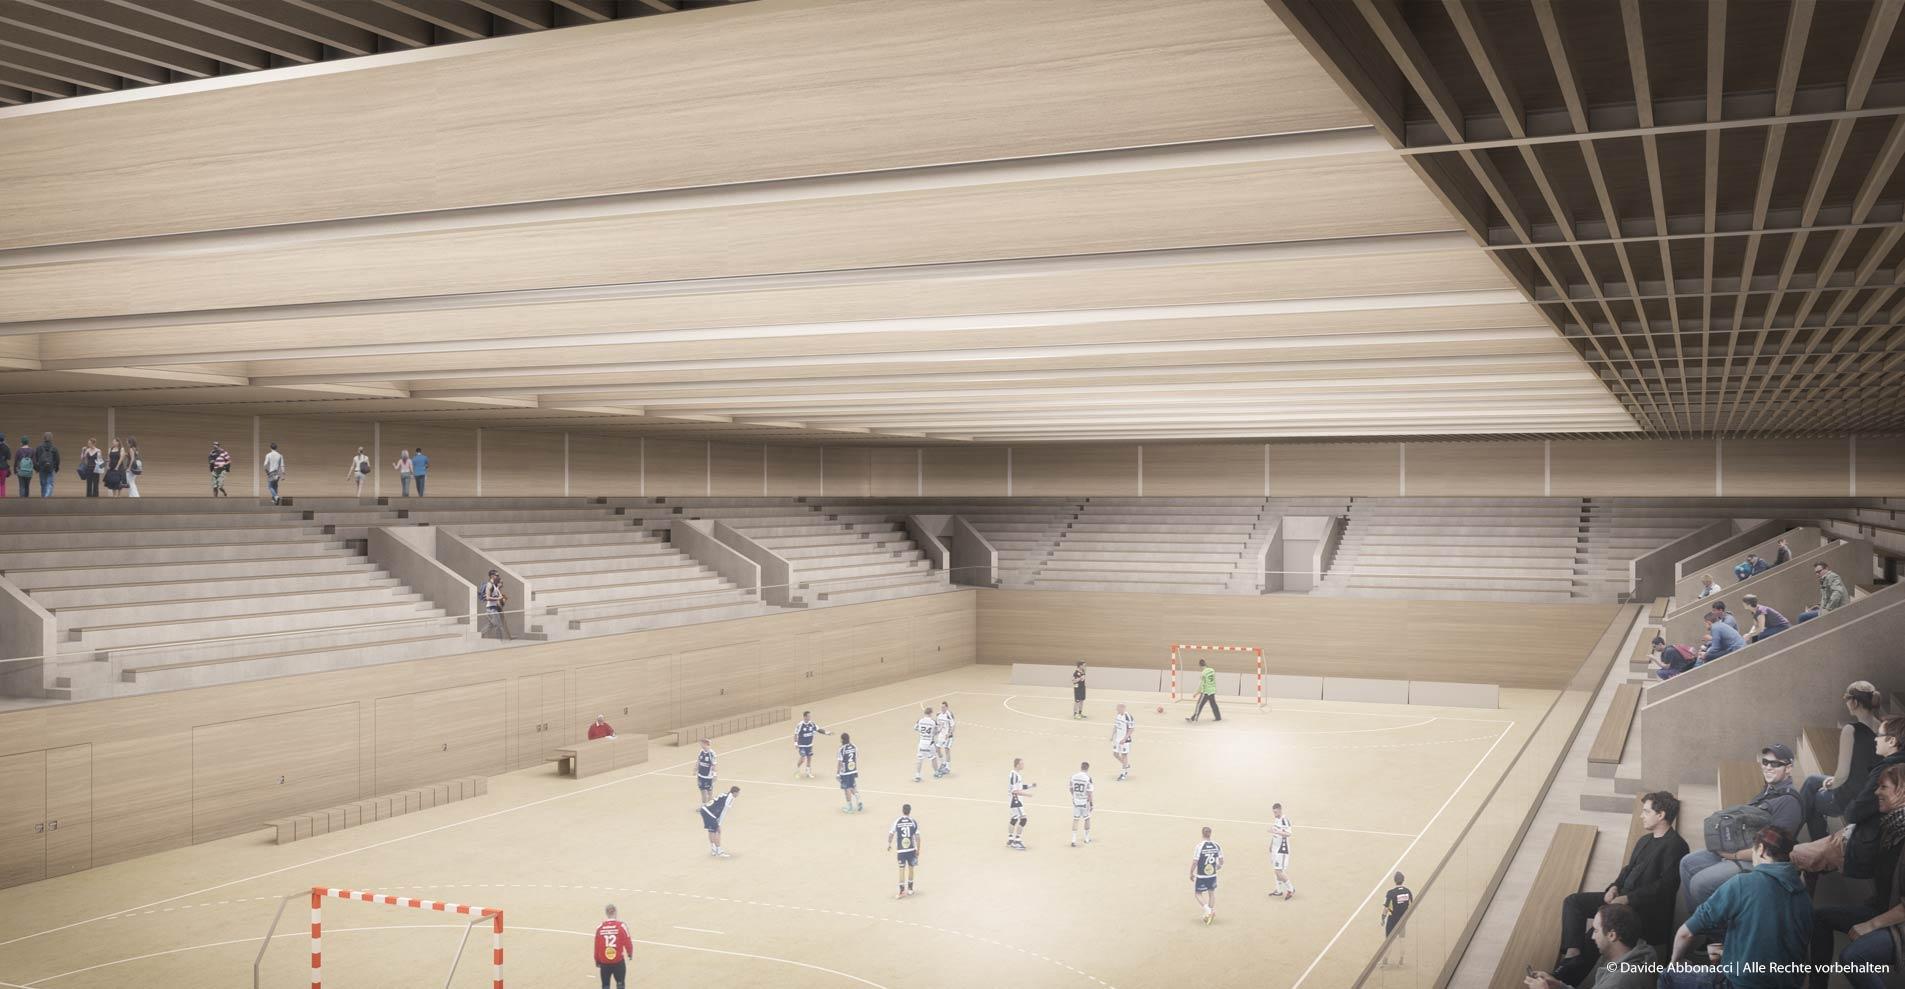 Sporthalle Erlangen | Georg Scheel Wetzel Architekten | 2014 Wettbewerbsvisualisierung